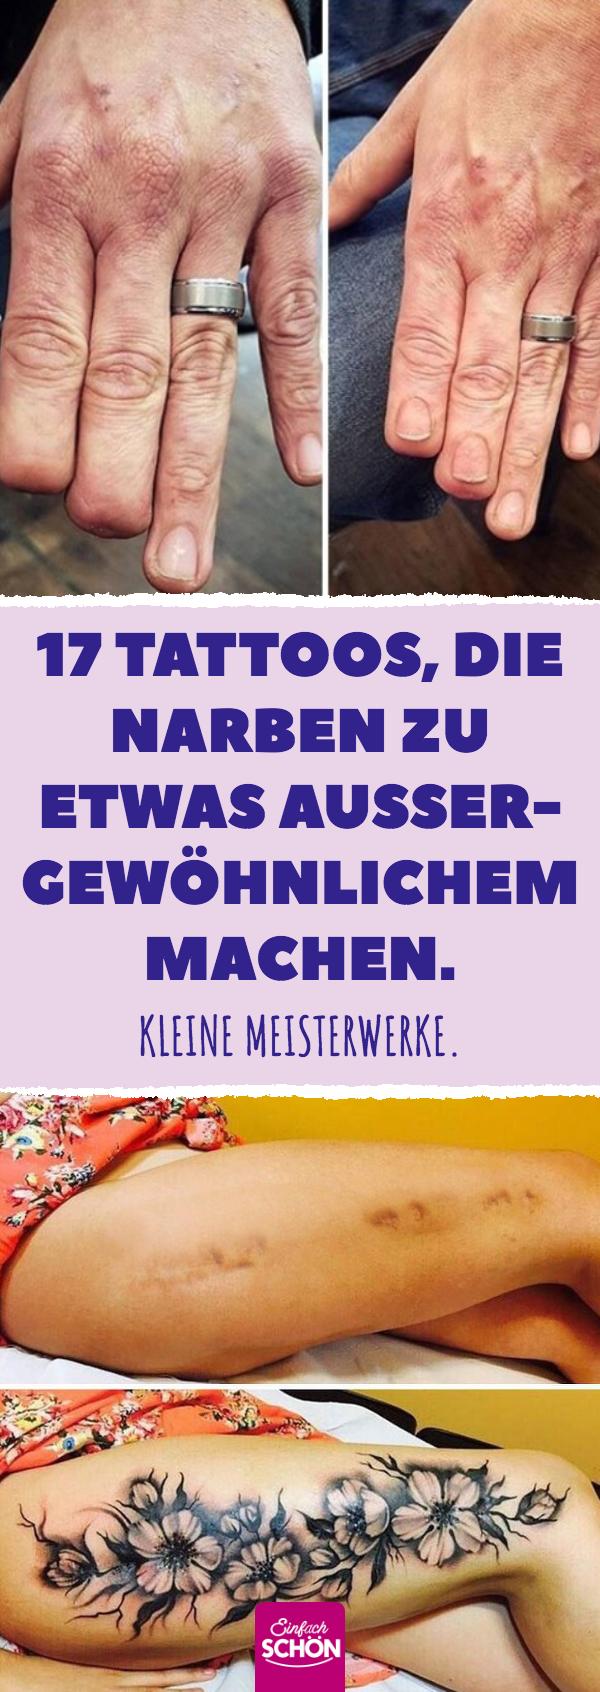 17 Tattoos, die Narben zu etwas Außergewöhnlichem machen. Kleine Meisterwerke. #kuriositäten